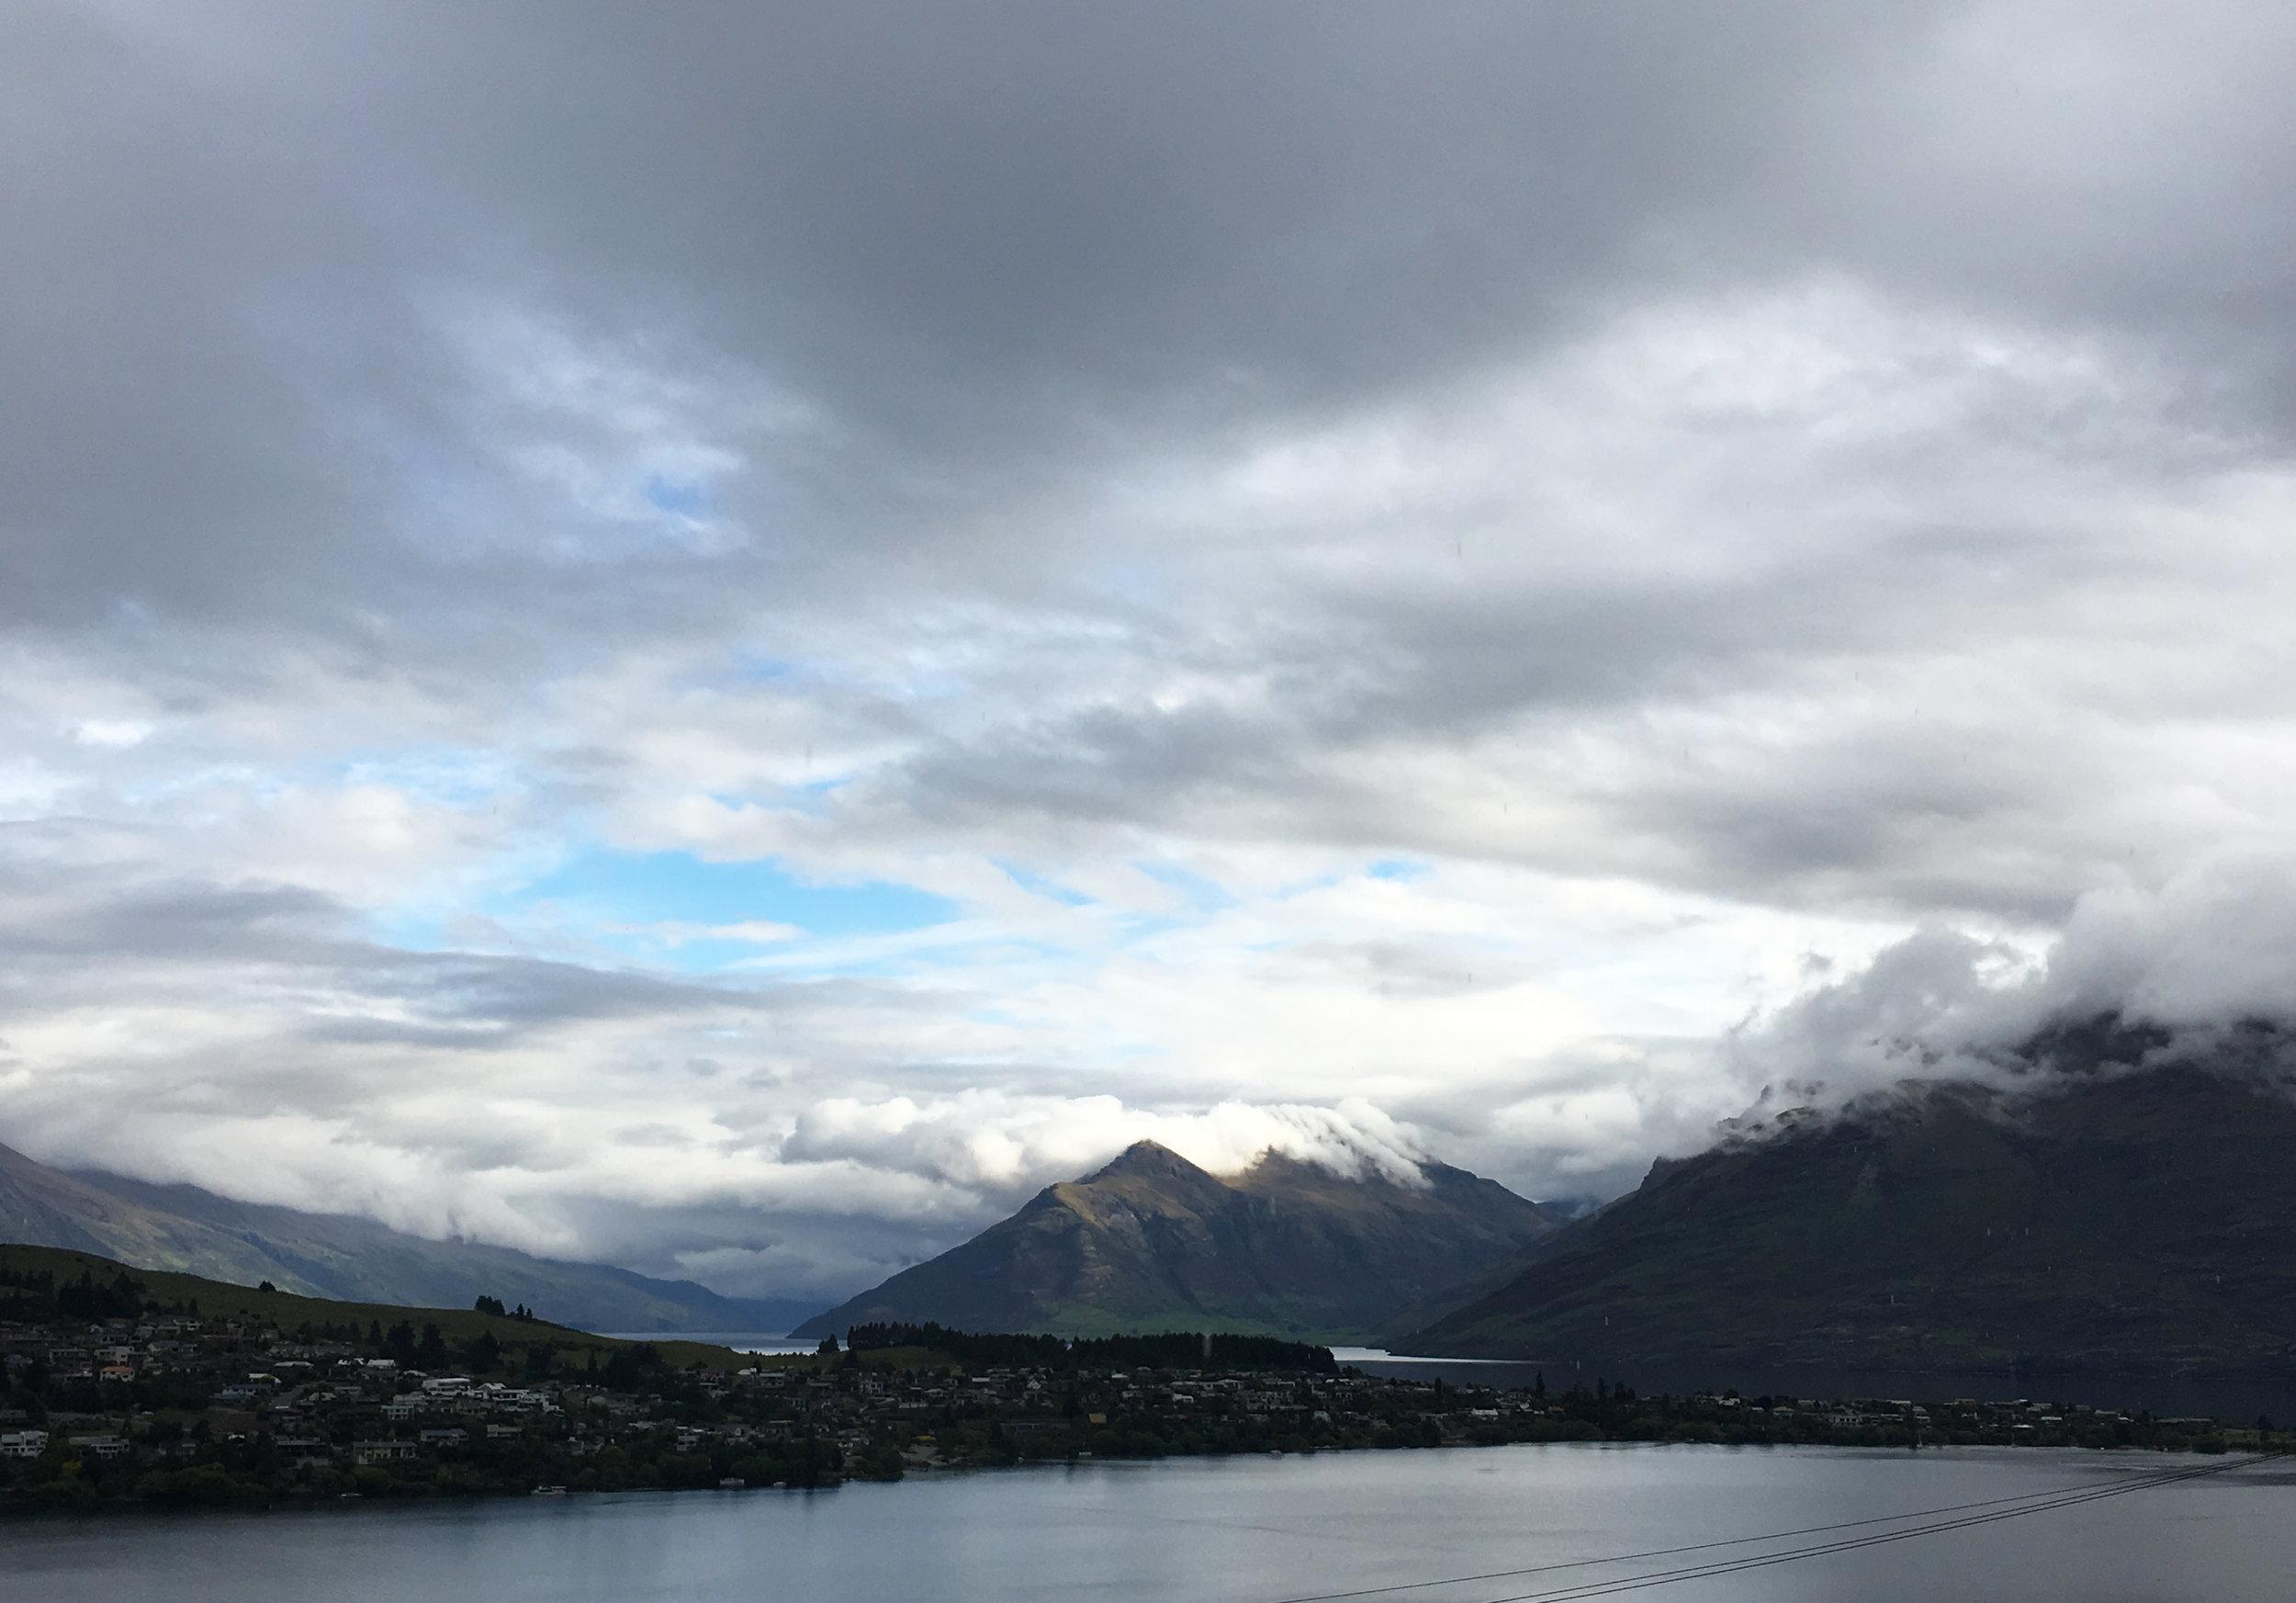 Lozidaze_NZ_Queenstown-Wakatipu_01